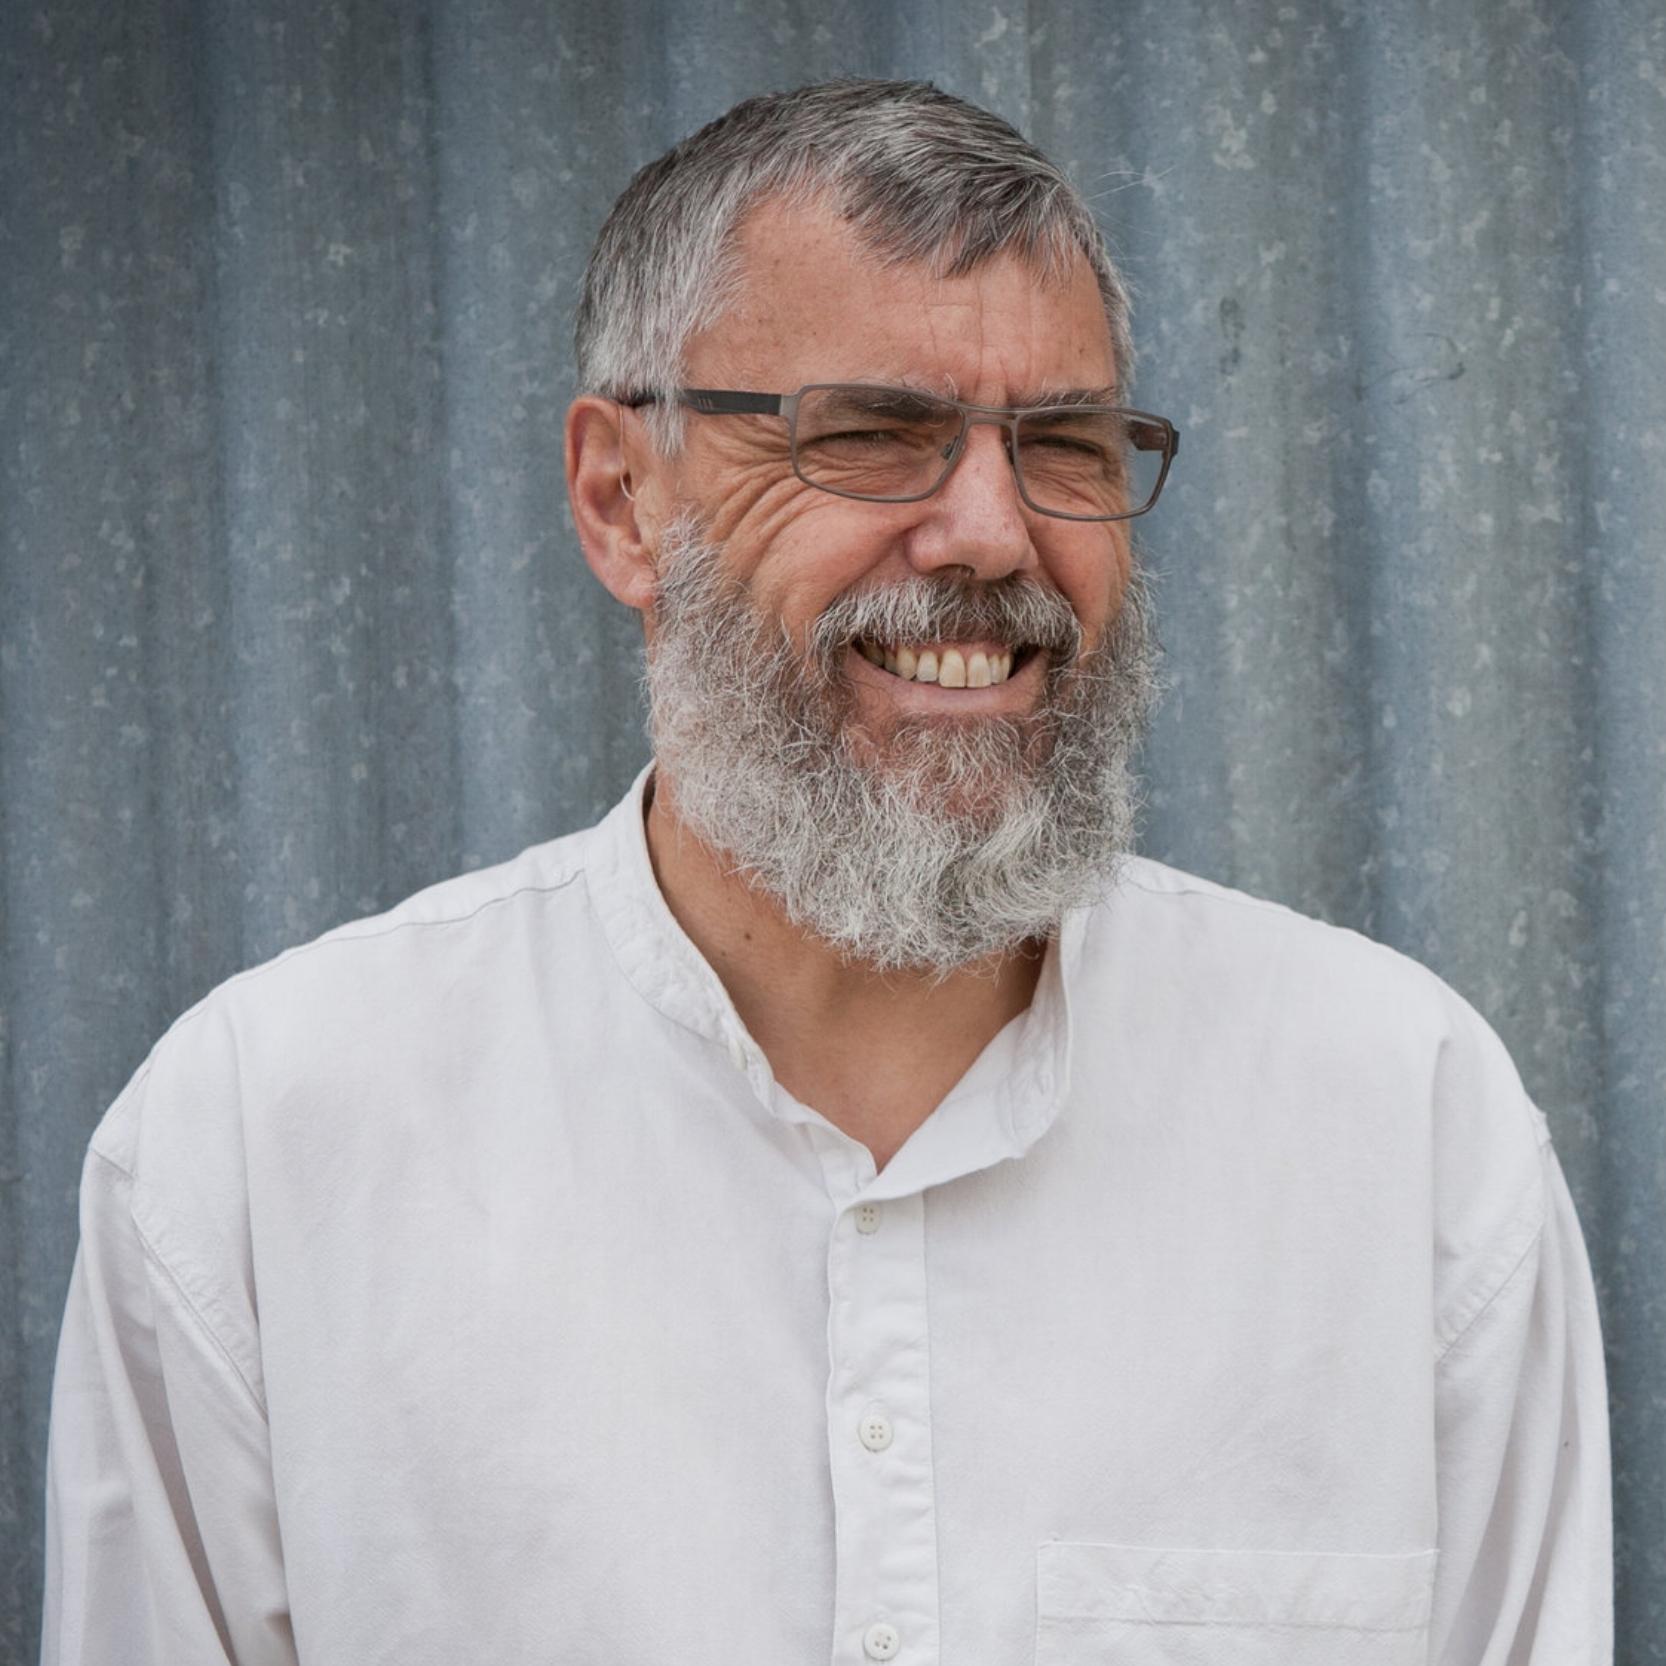 Robert Ashton - The Barefoot Entrepreneur